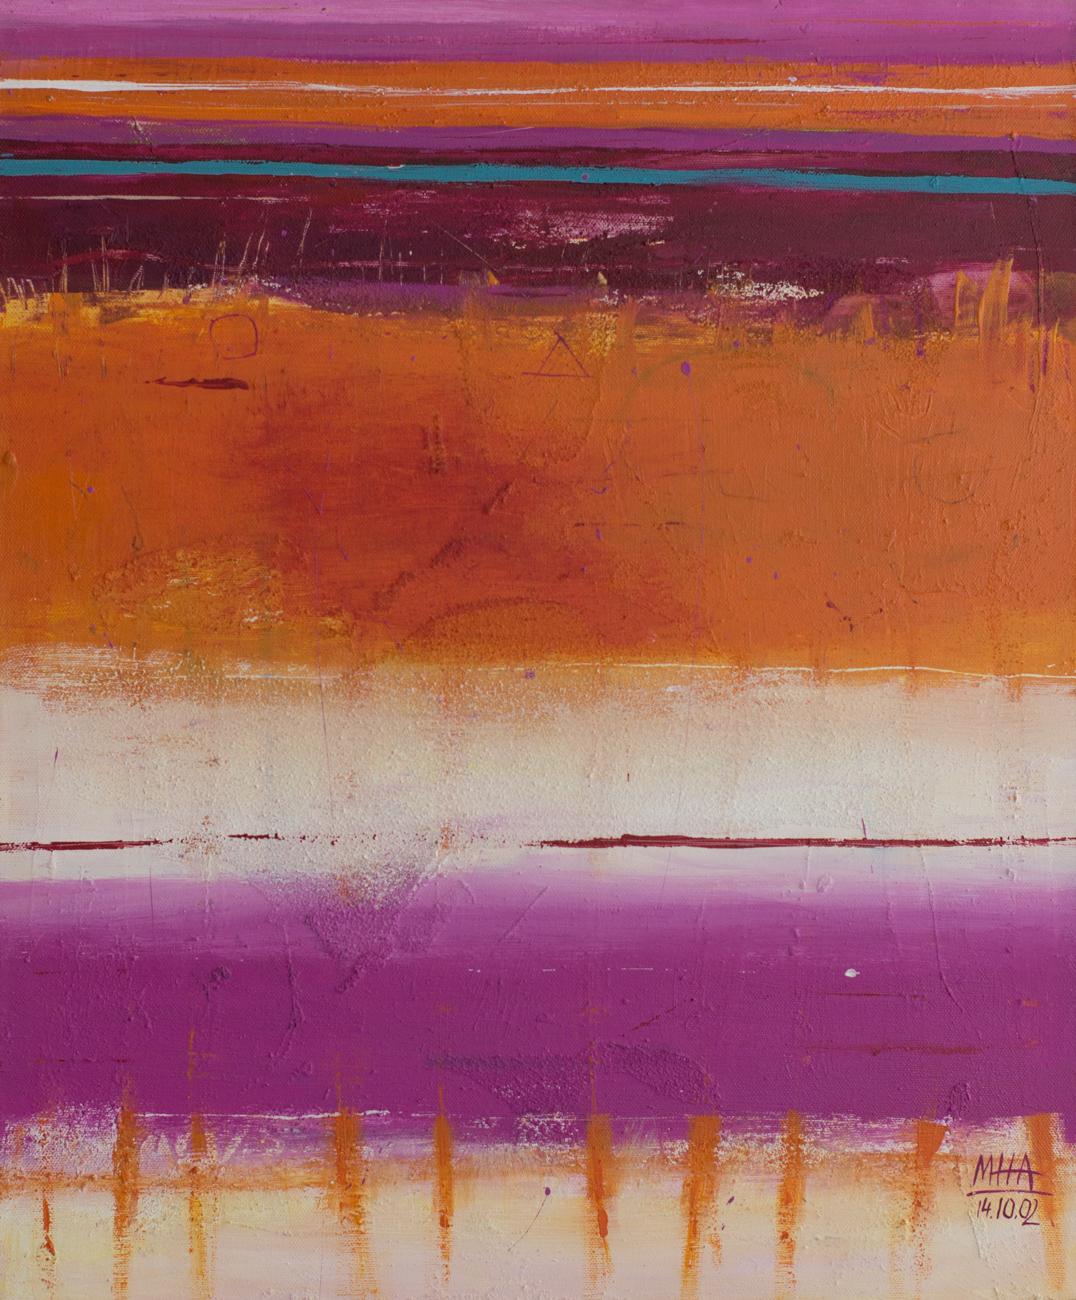 Tapiz 4 , 2002,Acryl auf Leinwand, 50x60 cm